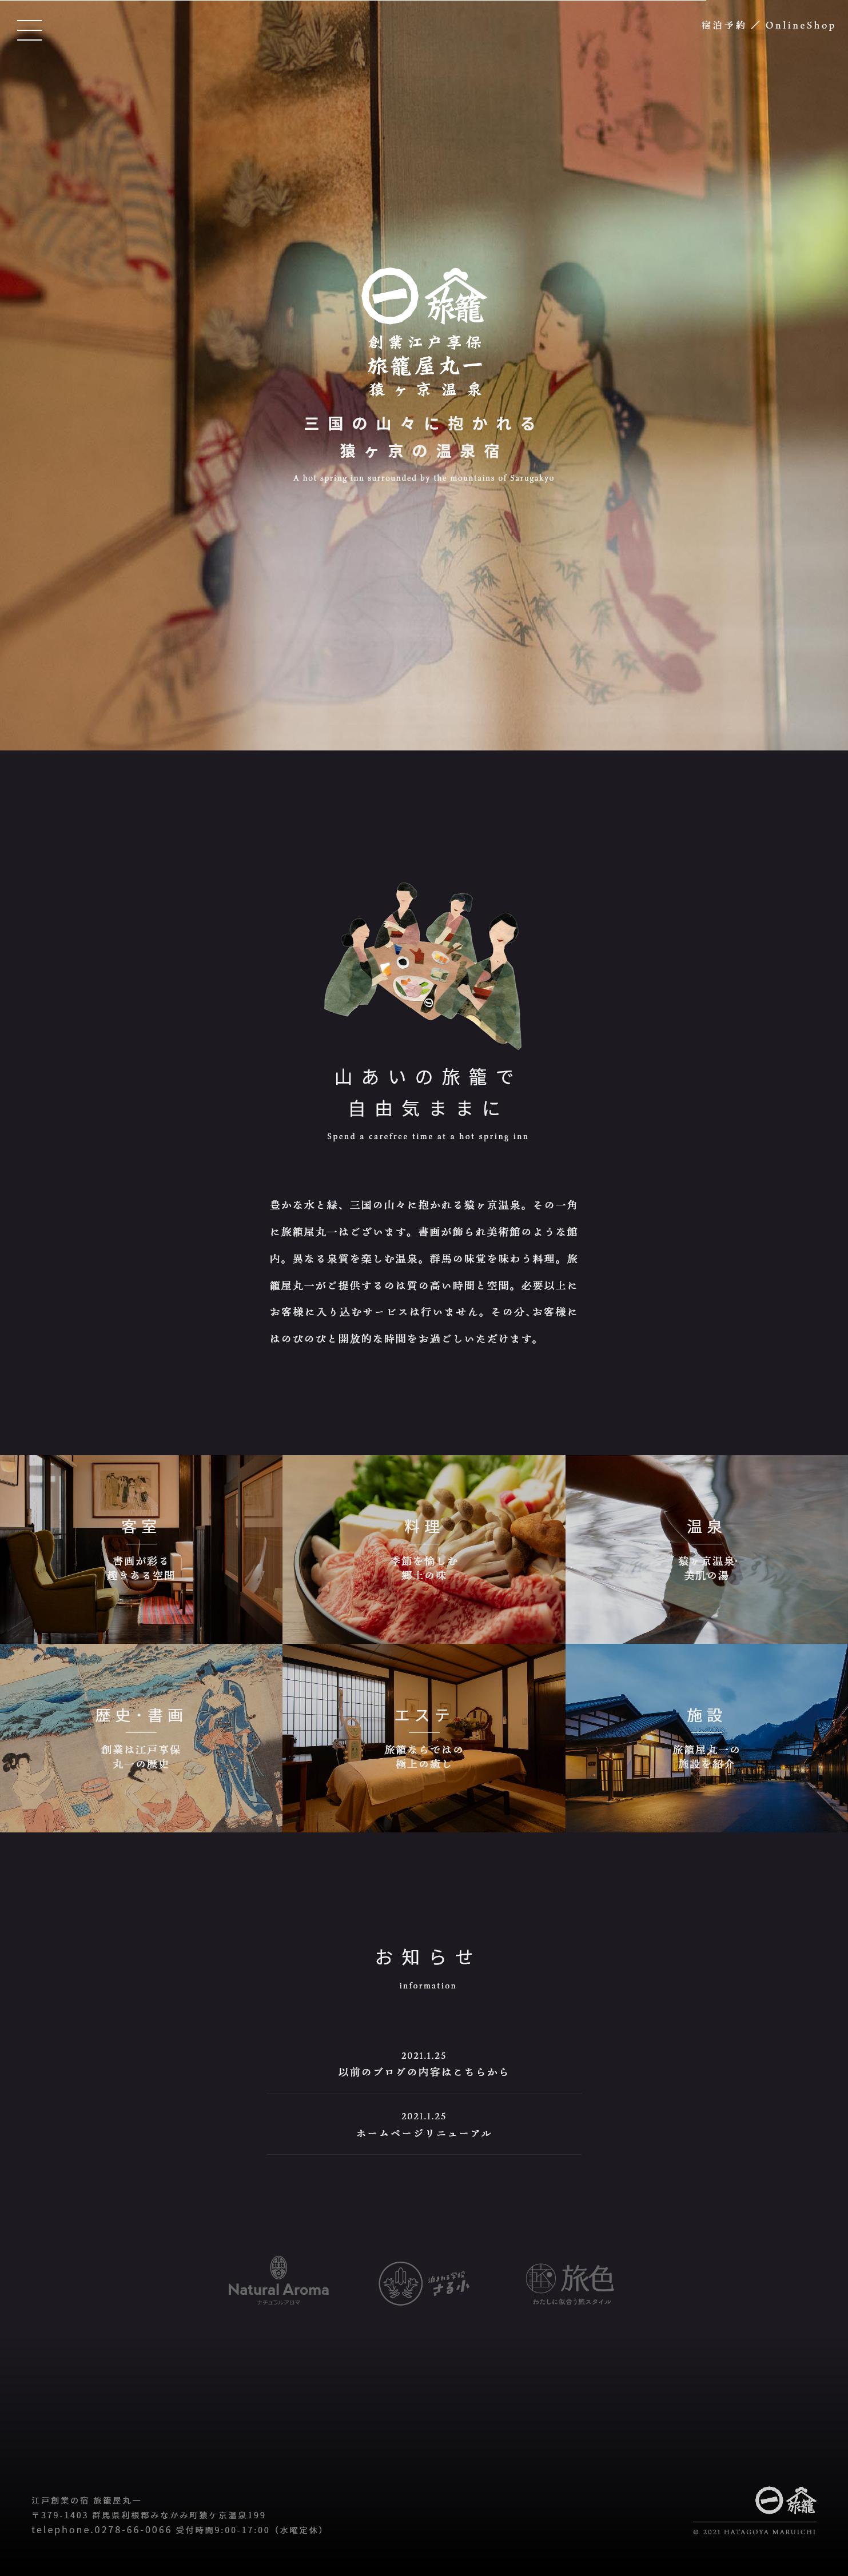 猿ヶ京温泉 旅籠屋丸一様 ホームページ